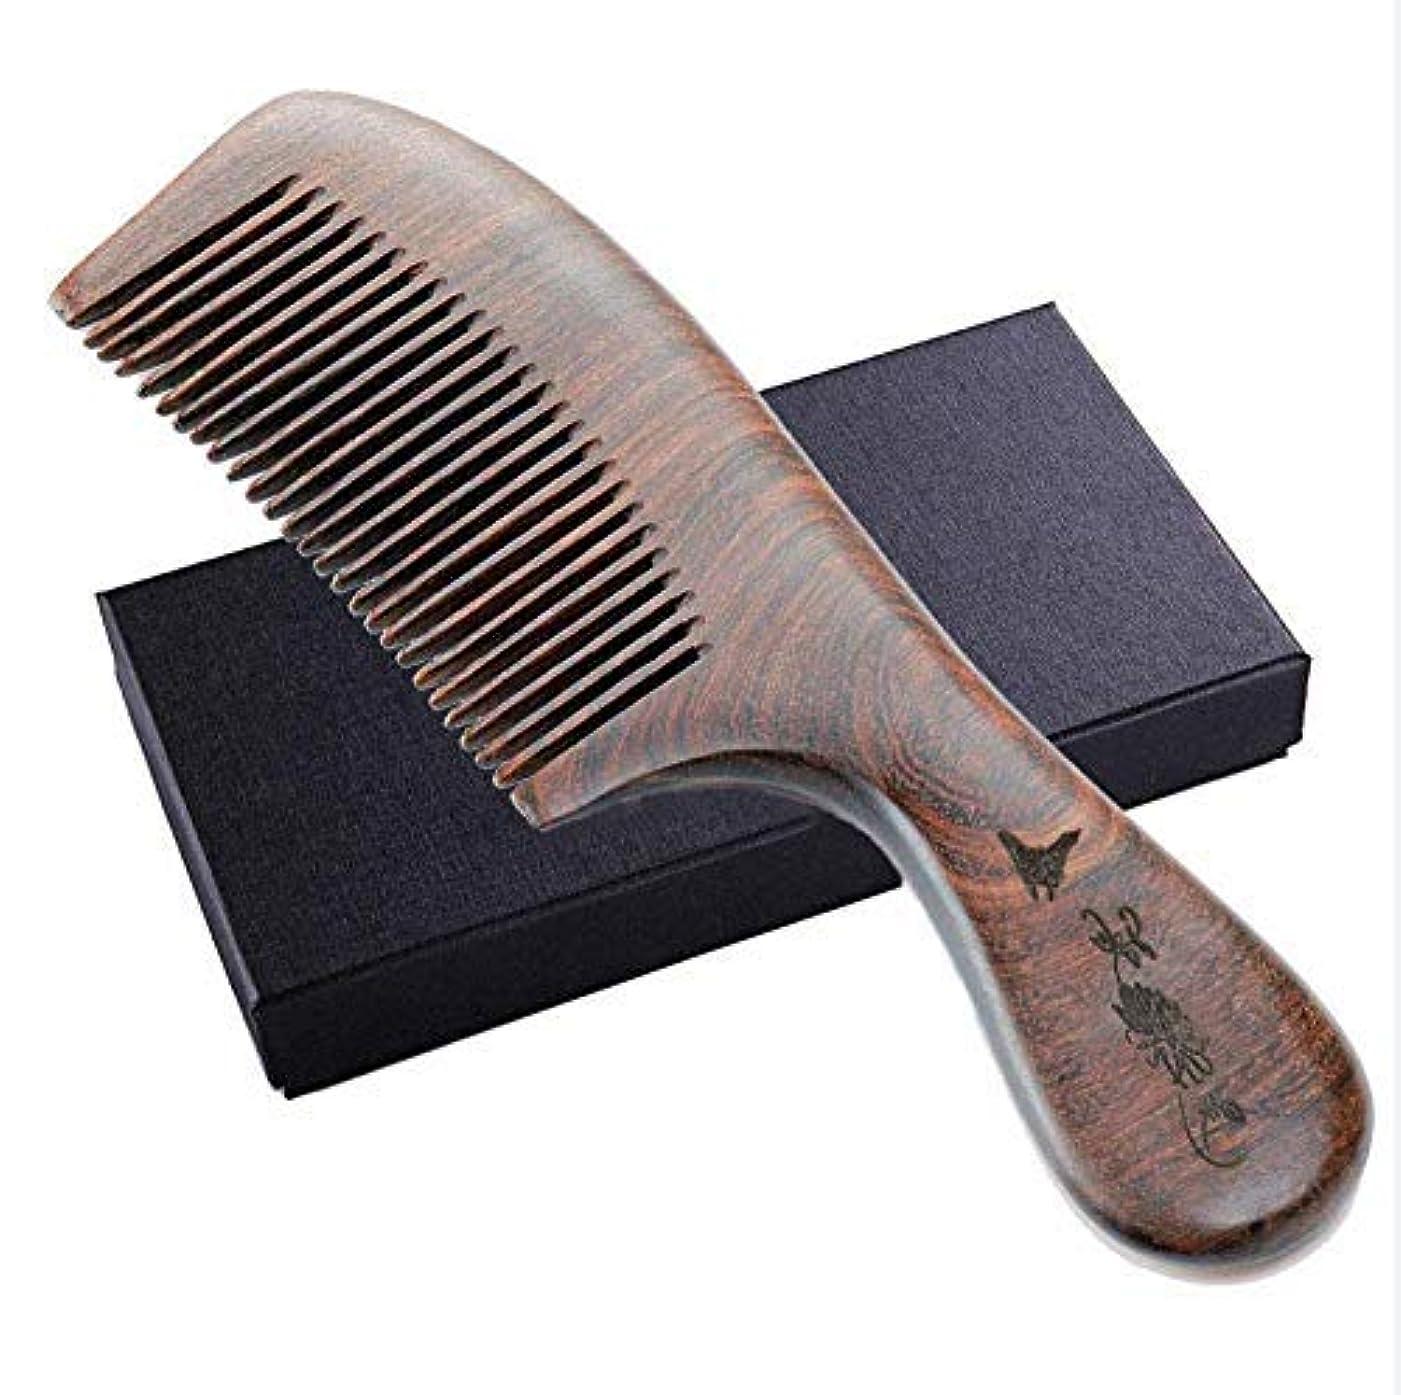 編集する異なる確保するWooden Hair Comb, Anti-Static, Detangling Fine Tooth Shower Comb,No Static Natural Wooden Sandalwood Comb for...